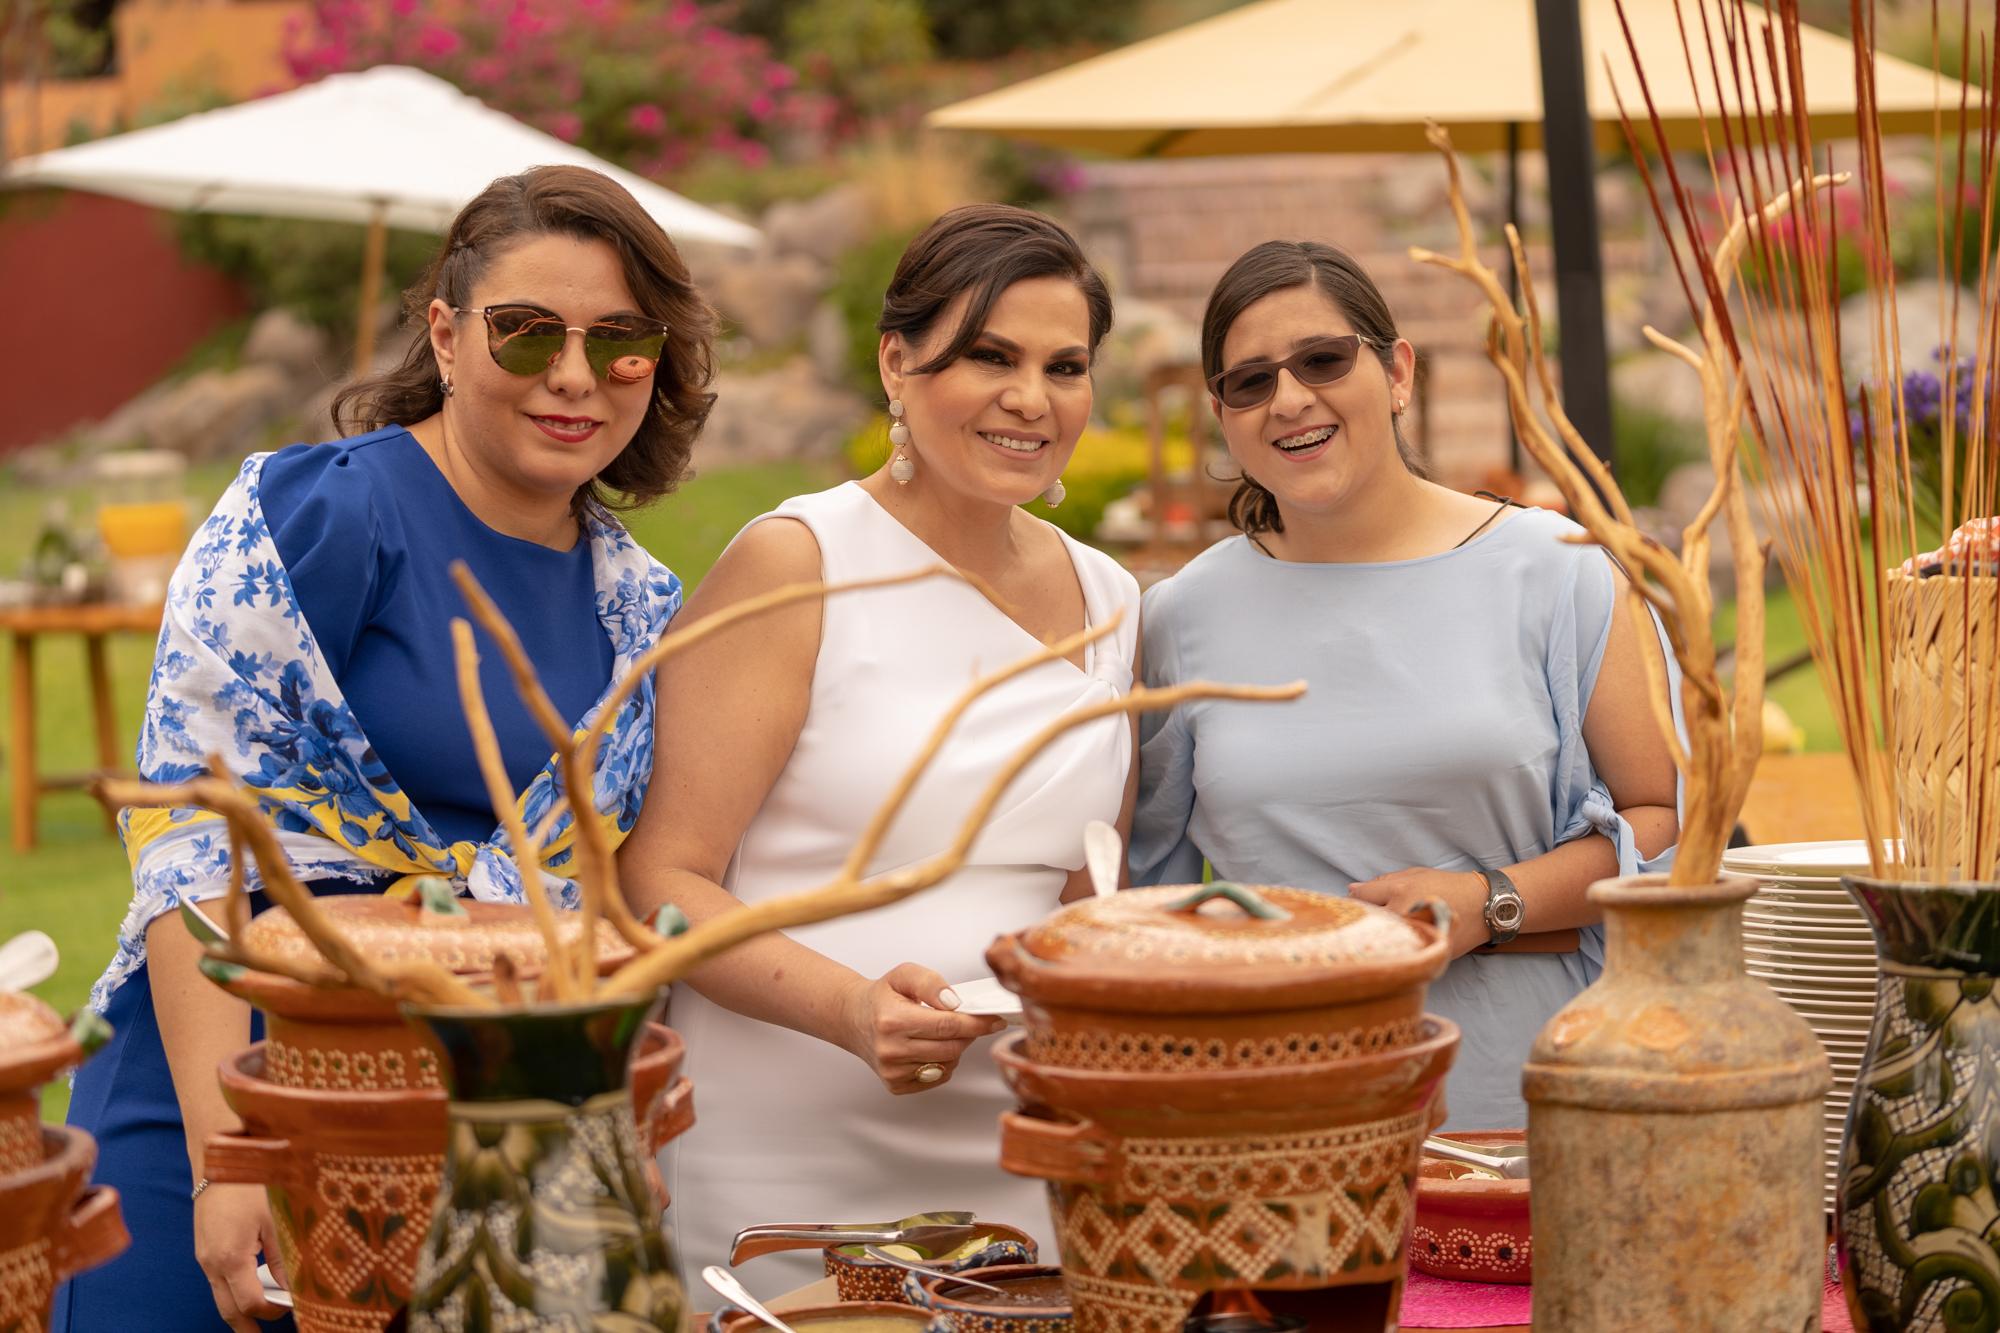 Sesion de Fotos en Rosewood San Migue de Allende del Bautizo de Alfonso-106.jpg